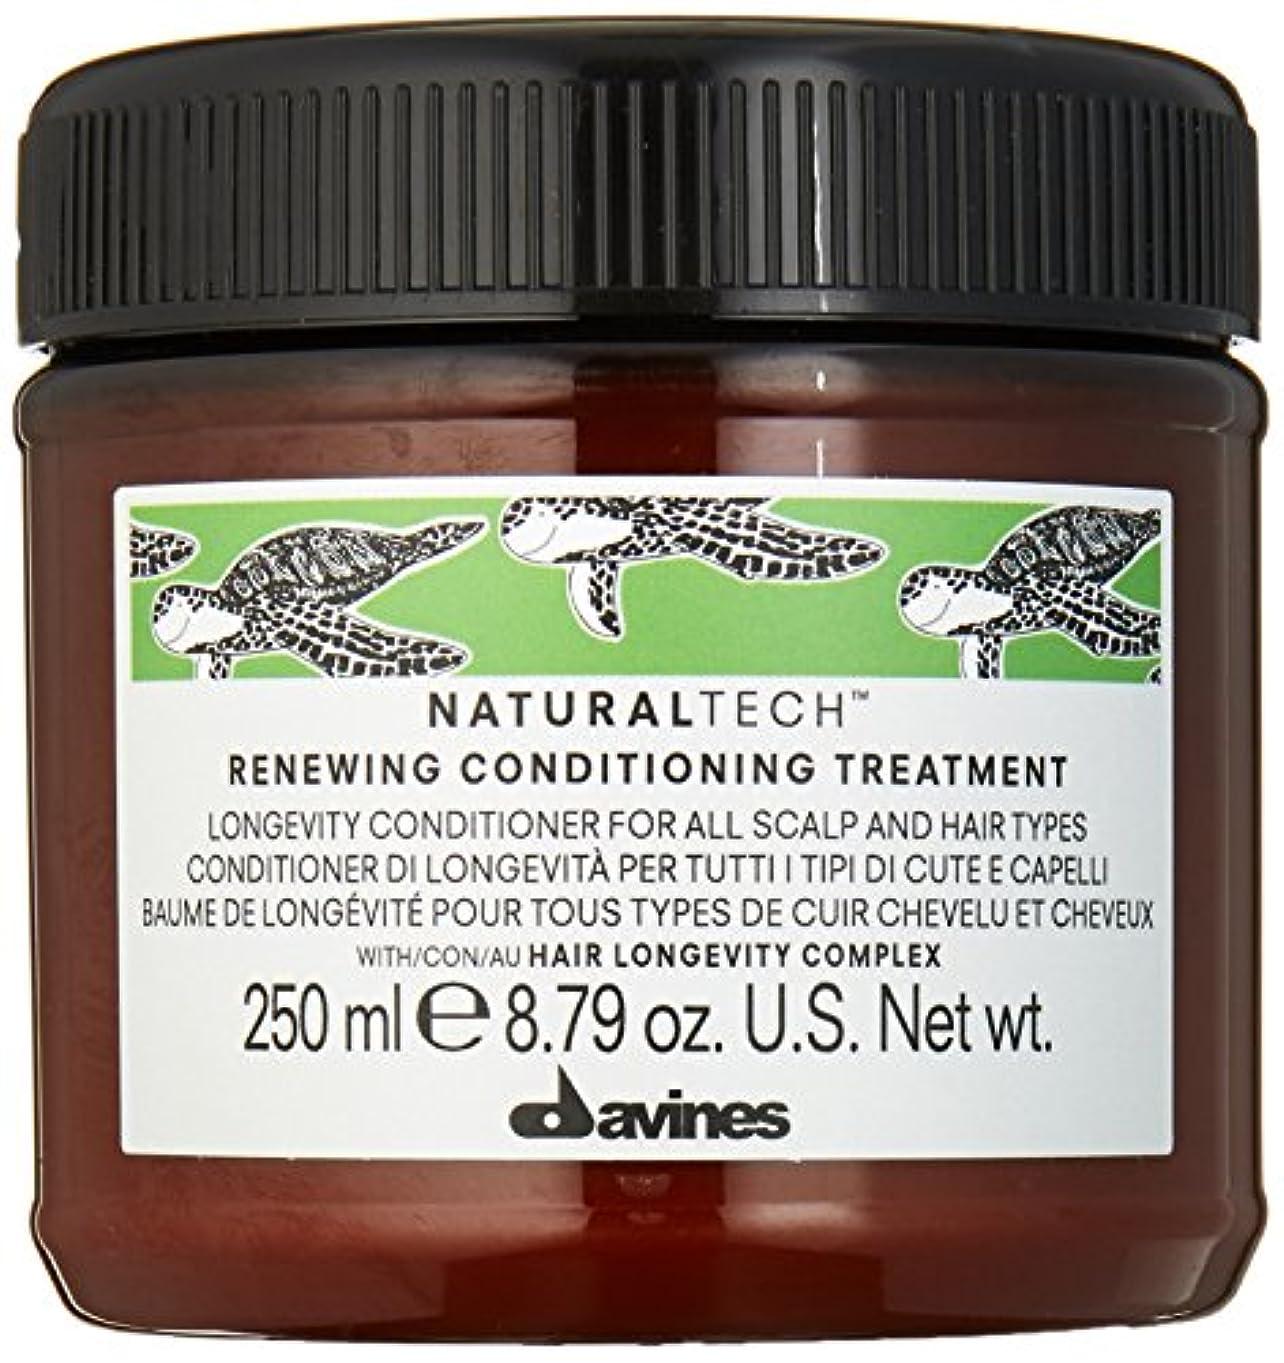 学者衣服スリンクダヴィネス Natural Tech Renewing Conditioning Treatment (For All Scalp and Hair Types) 250ml/8.79oz並行輸入品